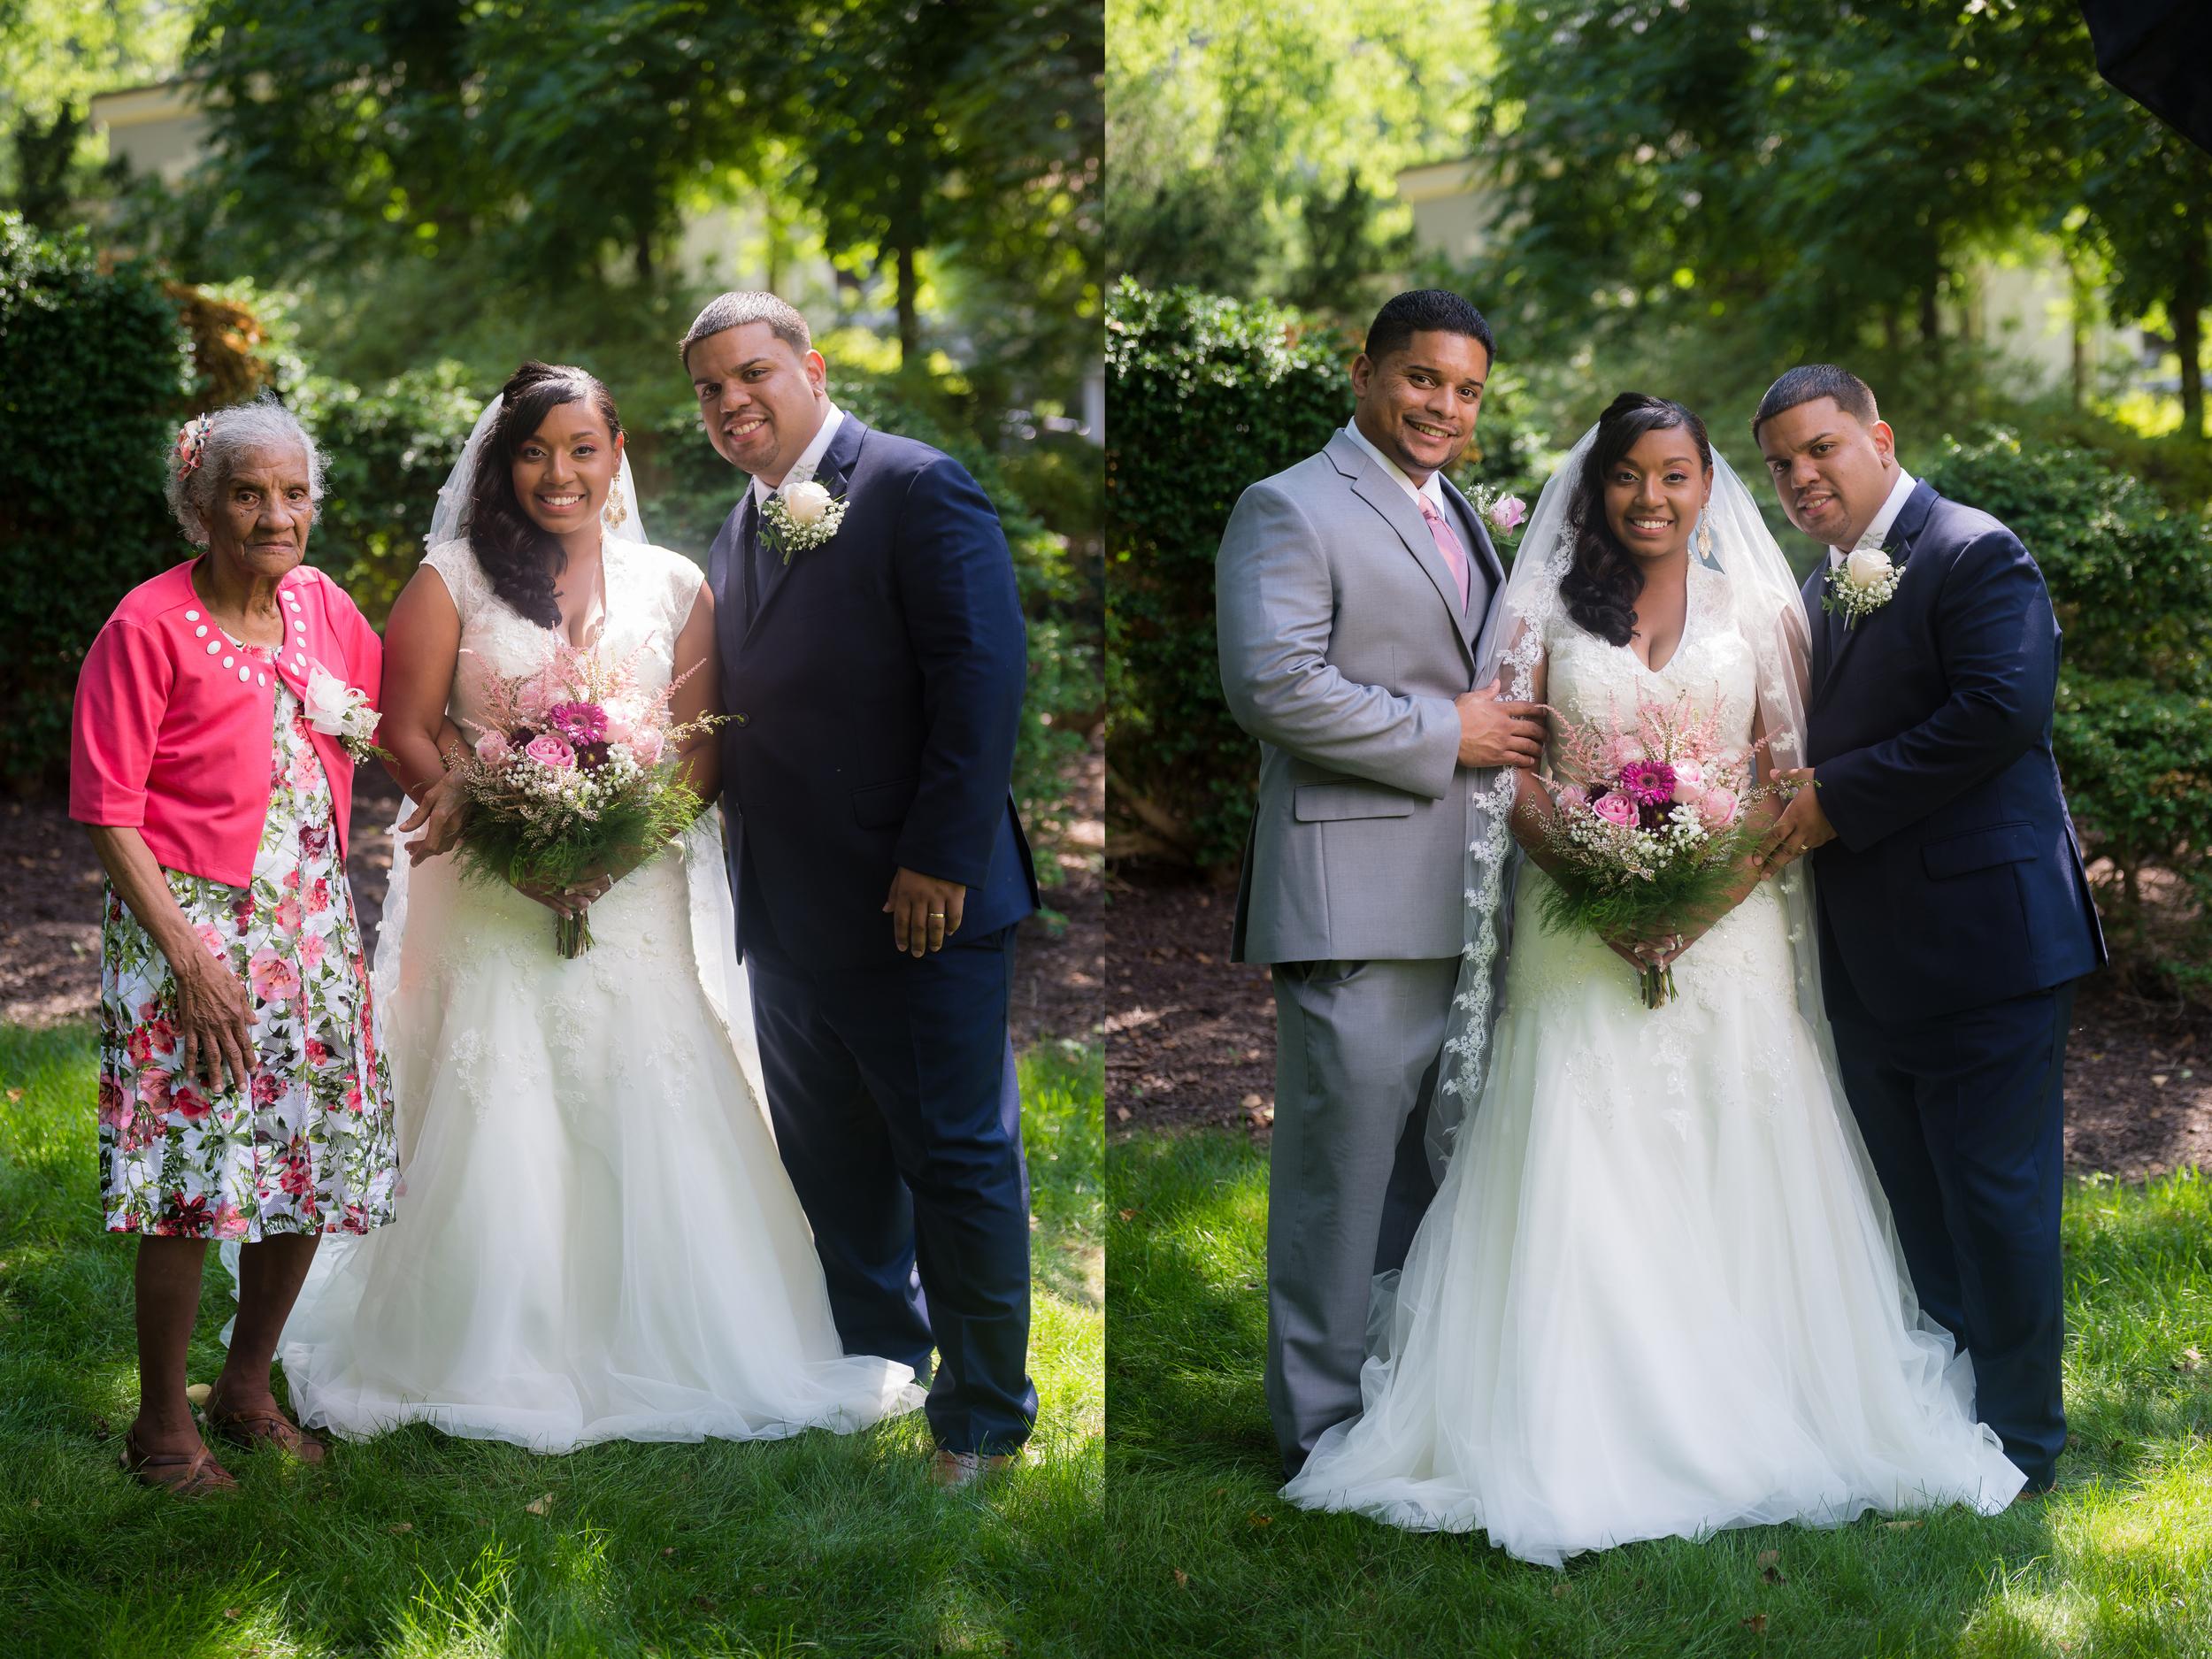 Isela-Josh-Wedding-Garcia-Photography-4027-4021.jpg